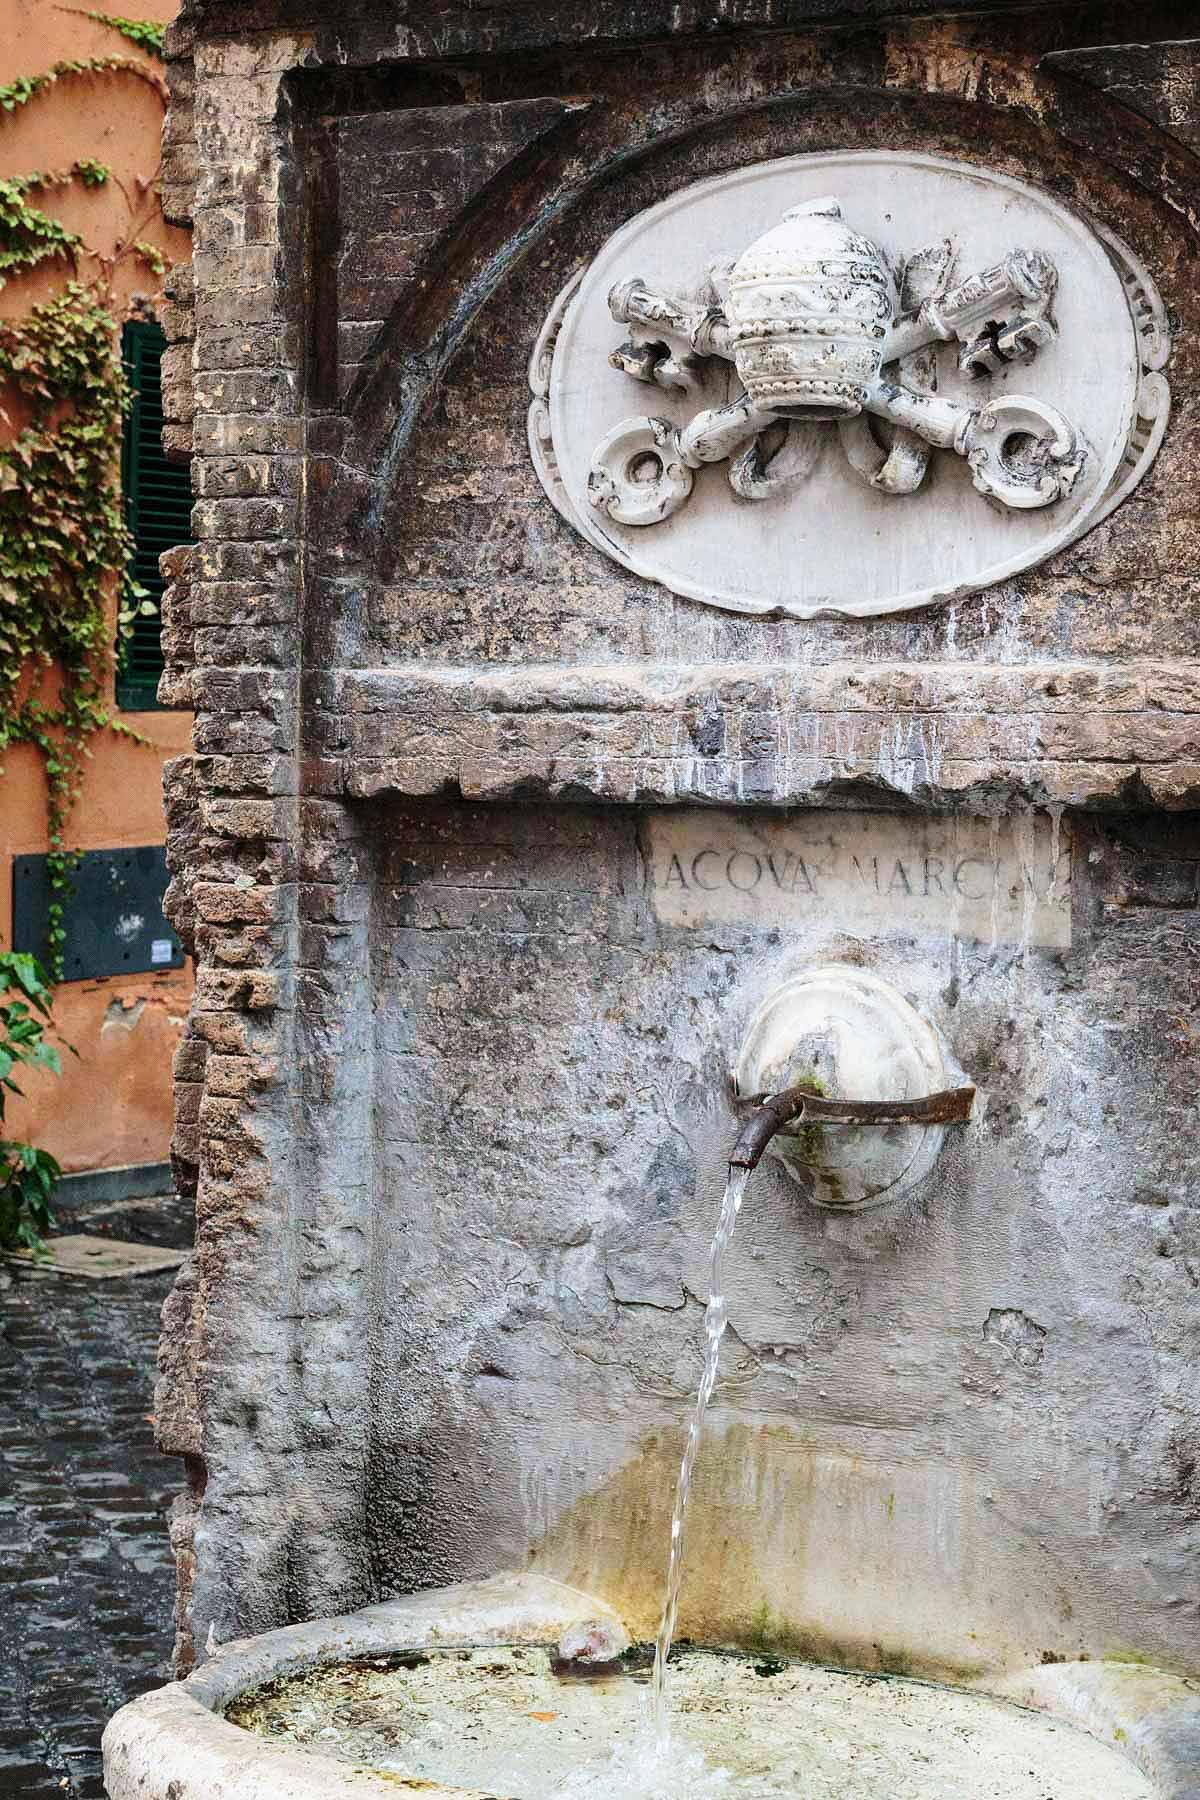 Borgo Pio, Fontana dell'Acqua Marcia